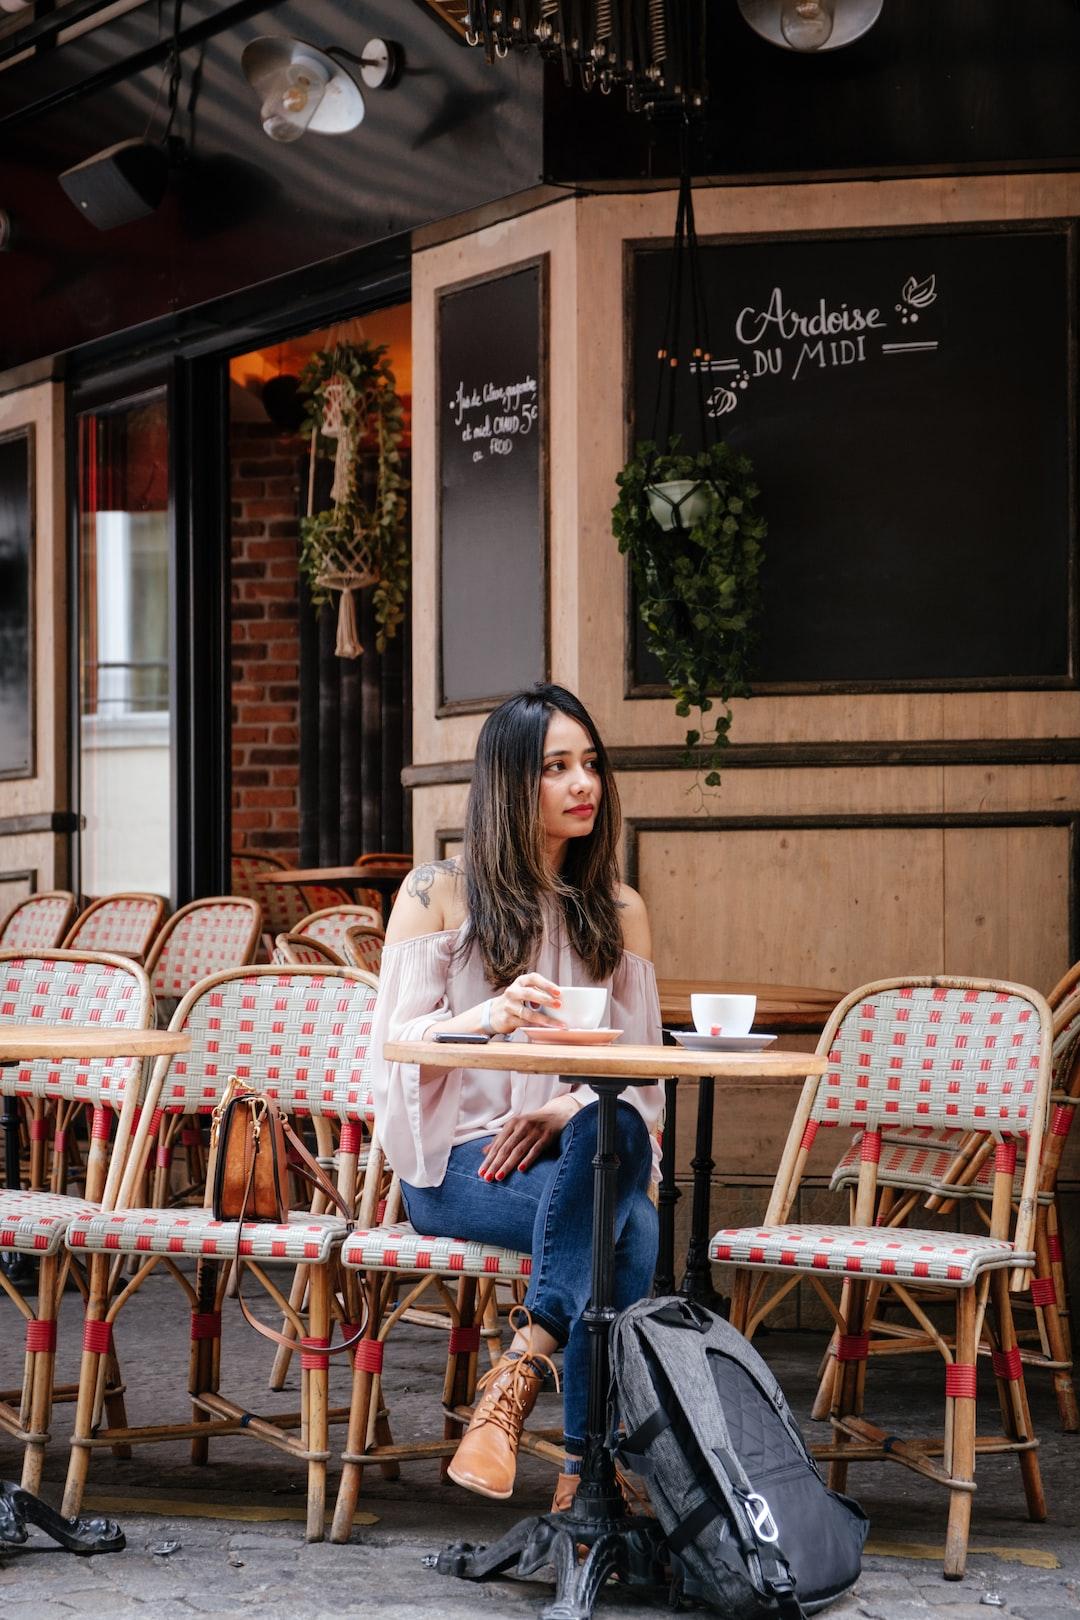 Coffee at Parisian terrace